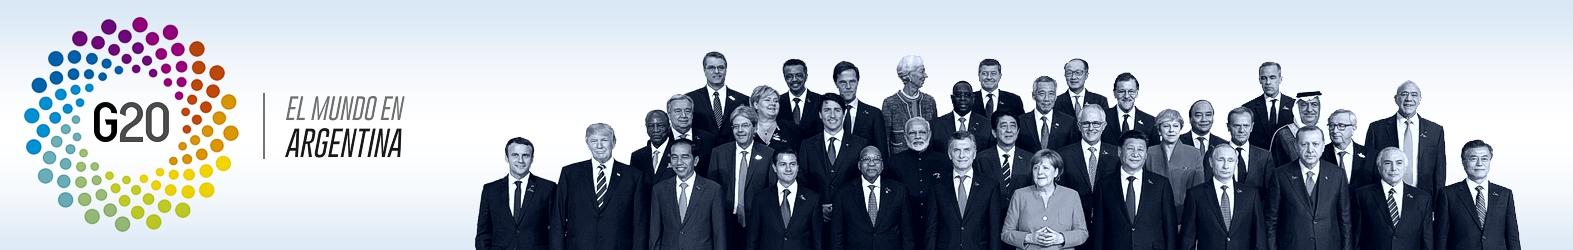 G-20: El mundo en Argentina